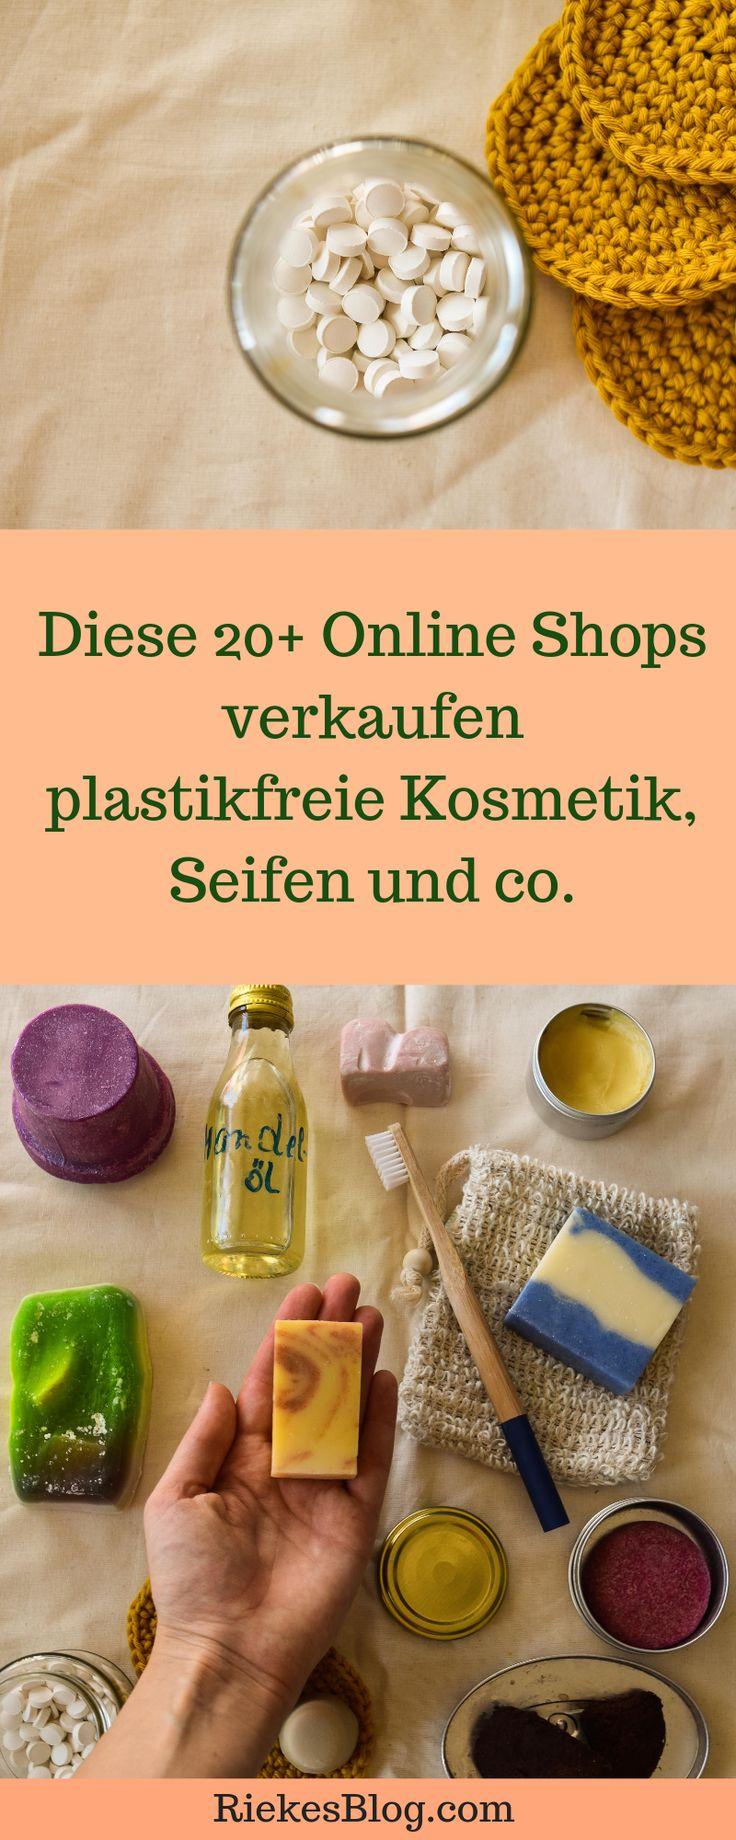 20+ Online Shops die plastikfreie Kosmetik, Seifen und co. verkaufen